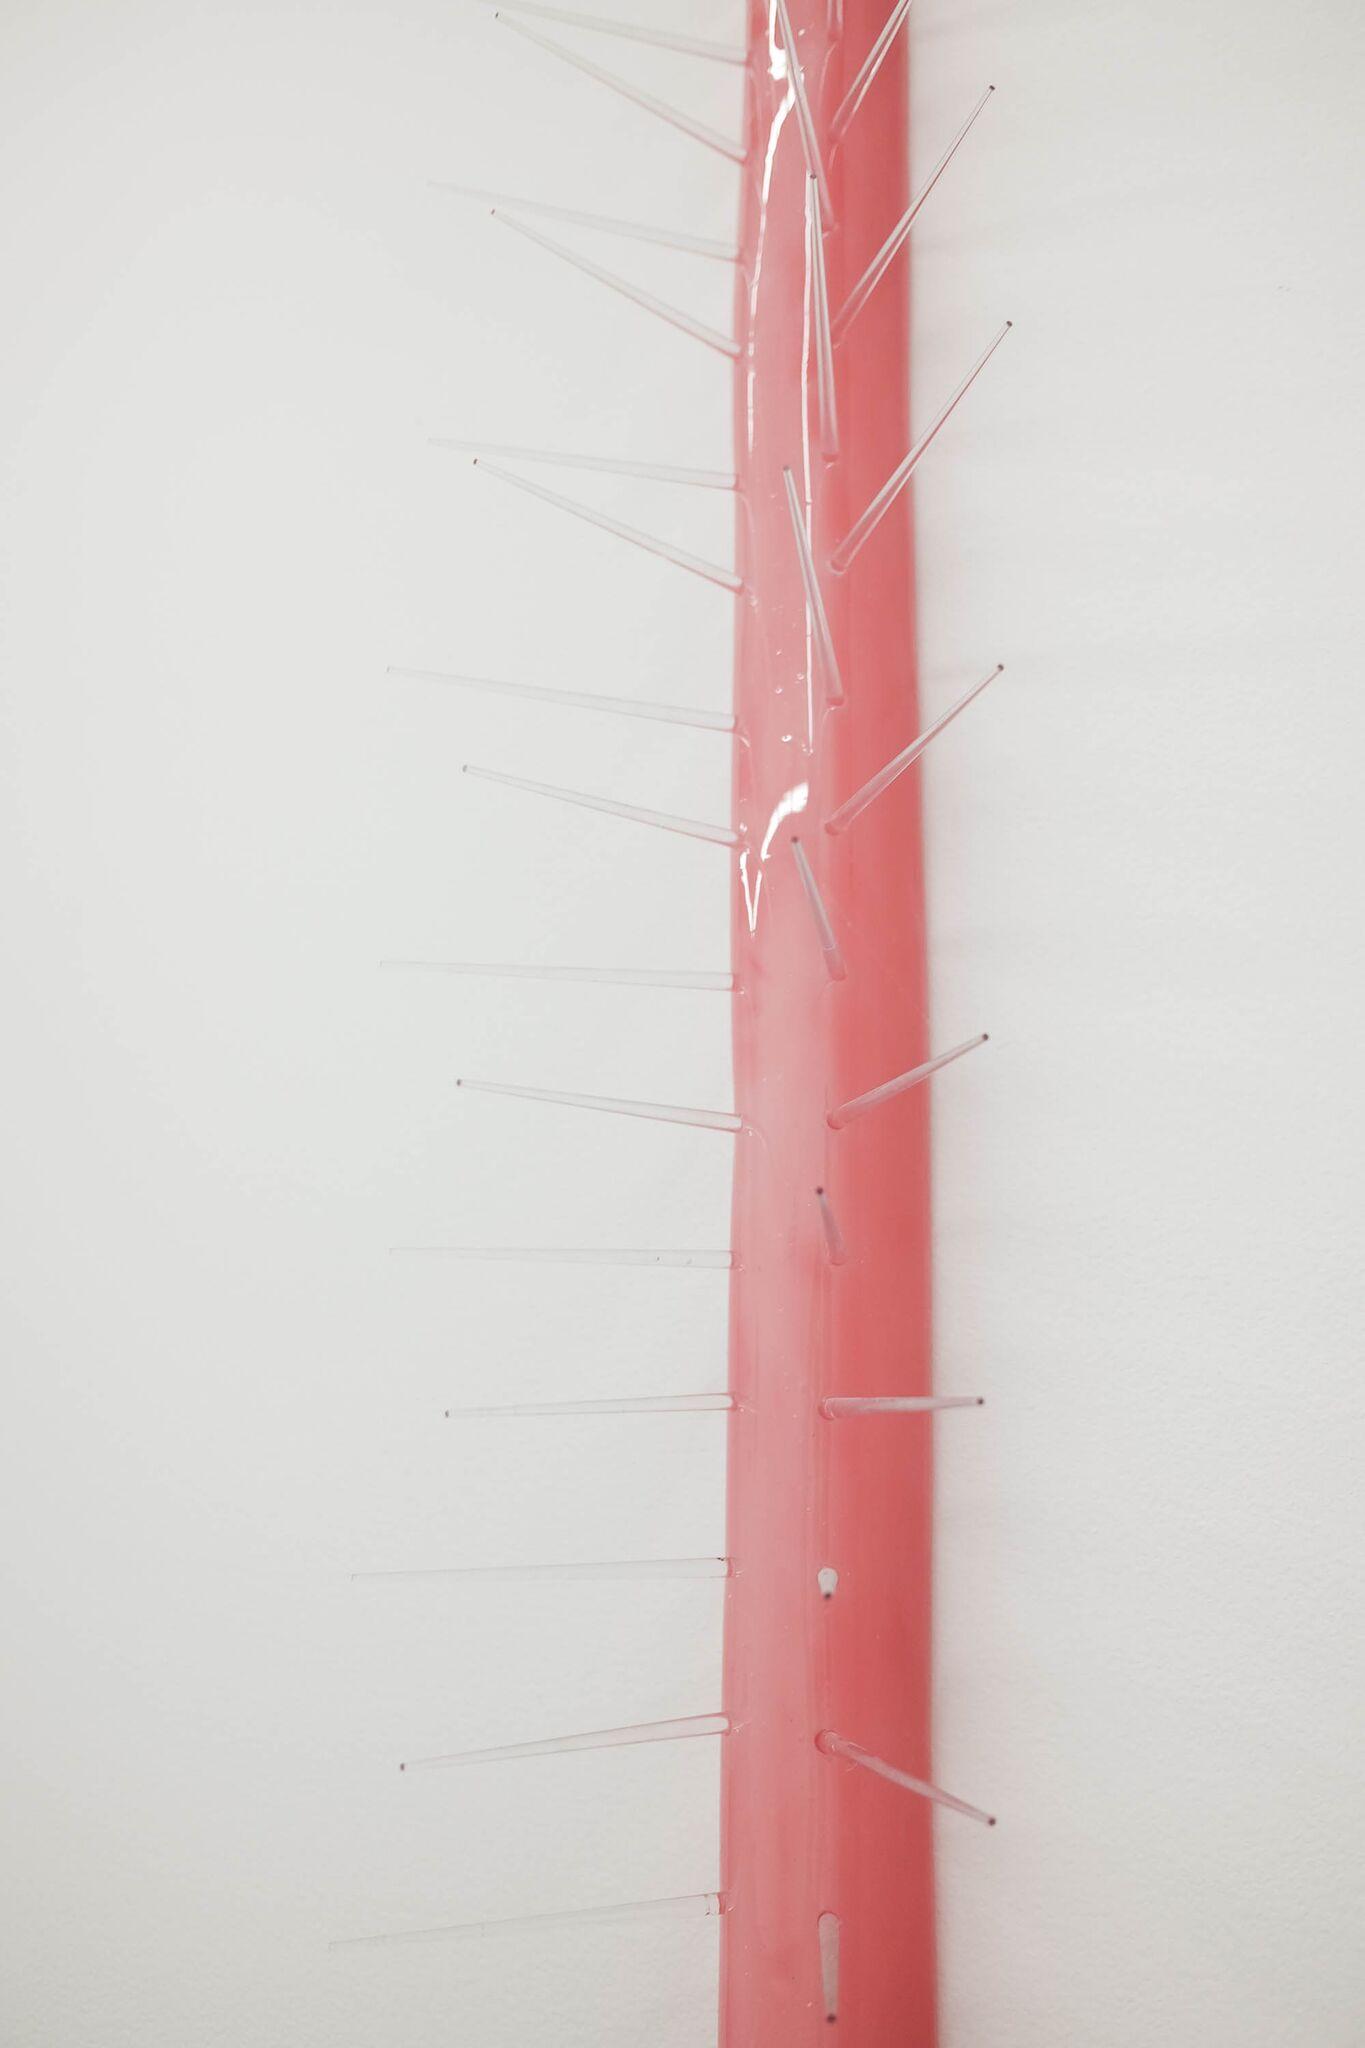 Karen Lofgren Detail:  DEFENDER #4 , 2018 epoxy, wool, acrylic, pigeon spikes 34 x 2 x 4 1/2 in (86.4 x 5.1 x 11.4 cm)